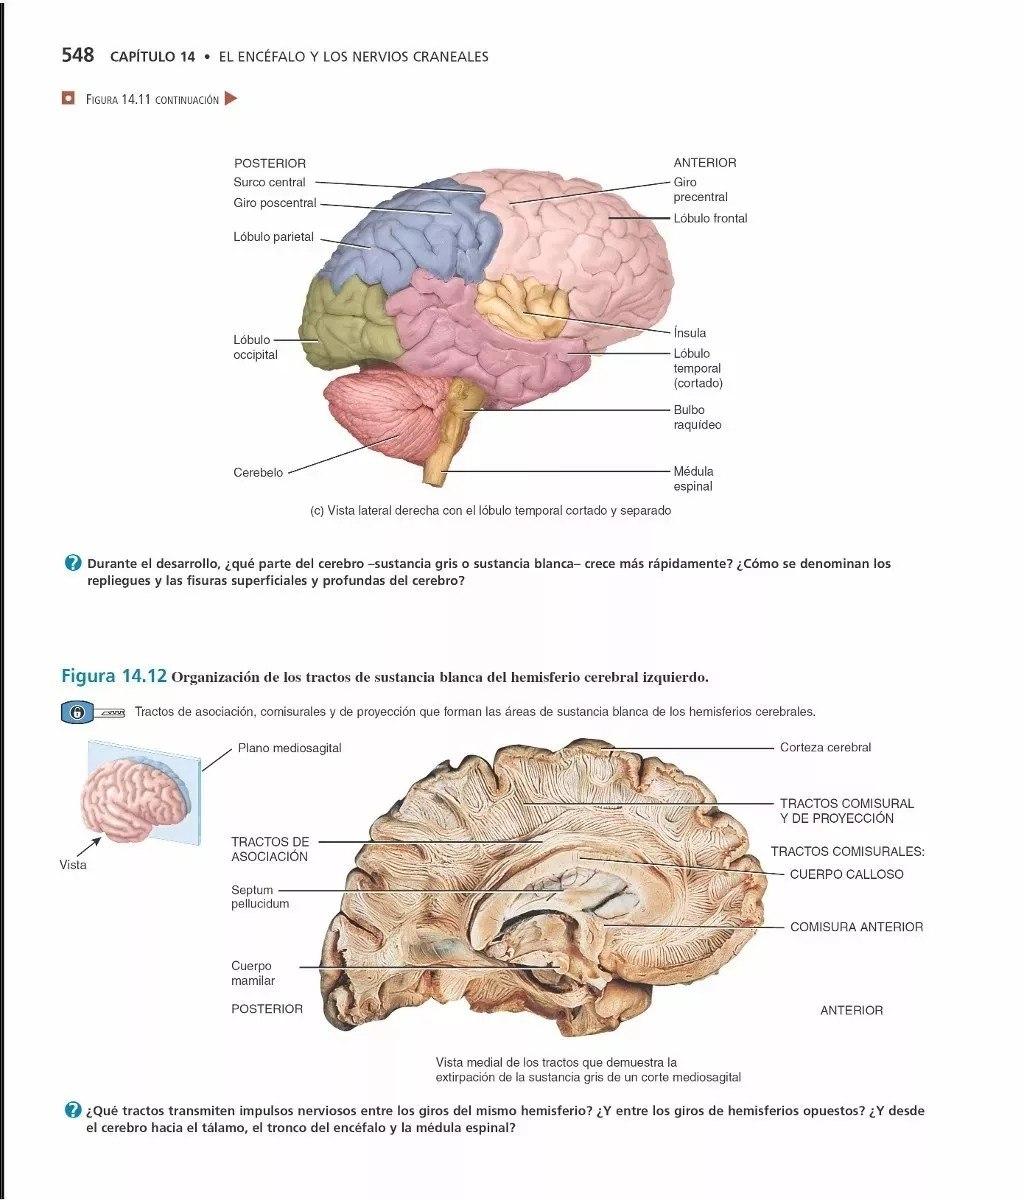 Tortora - Anatomia Y Fisiologia Humana Pdf - S/ 14,00 en Mercado Libre